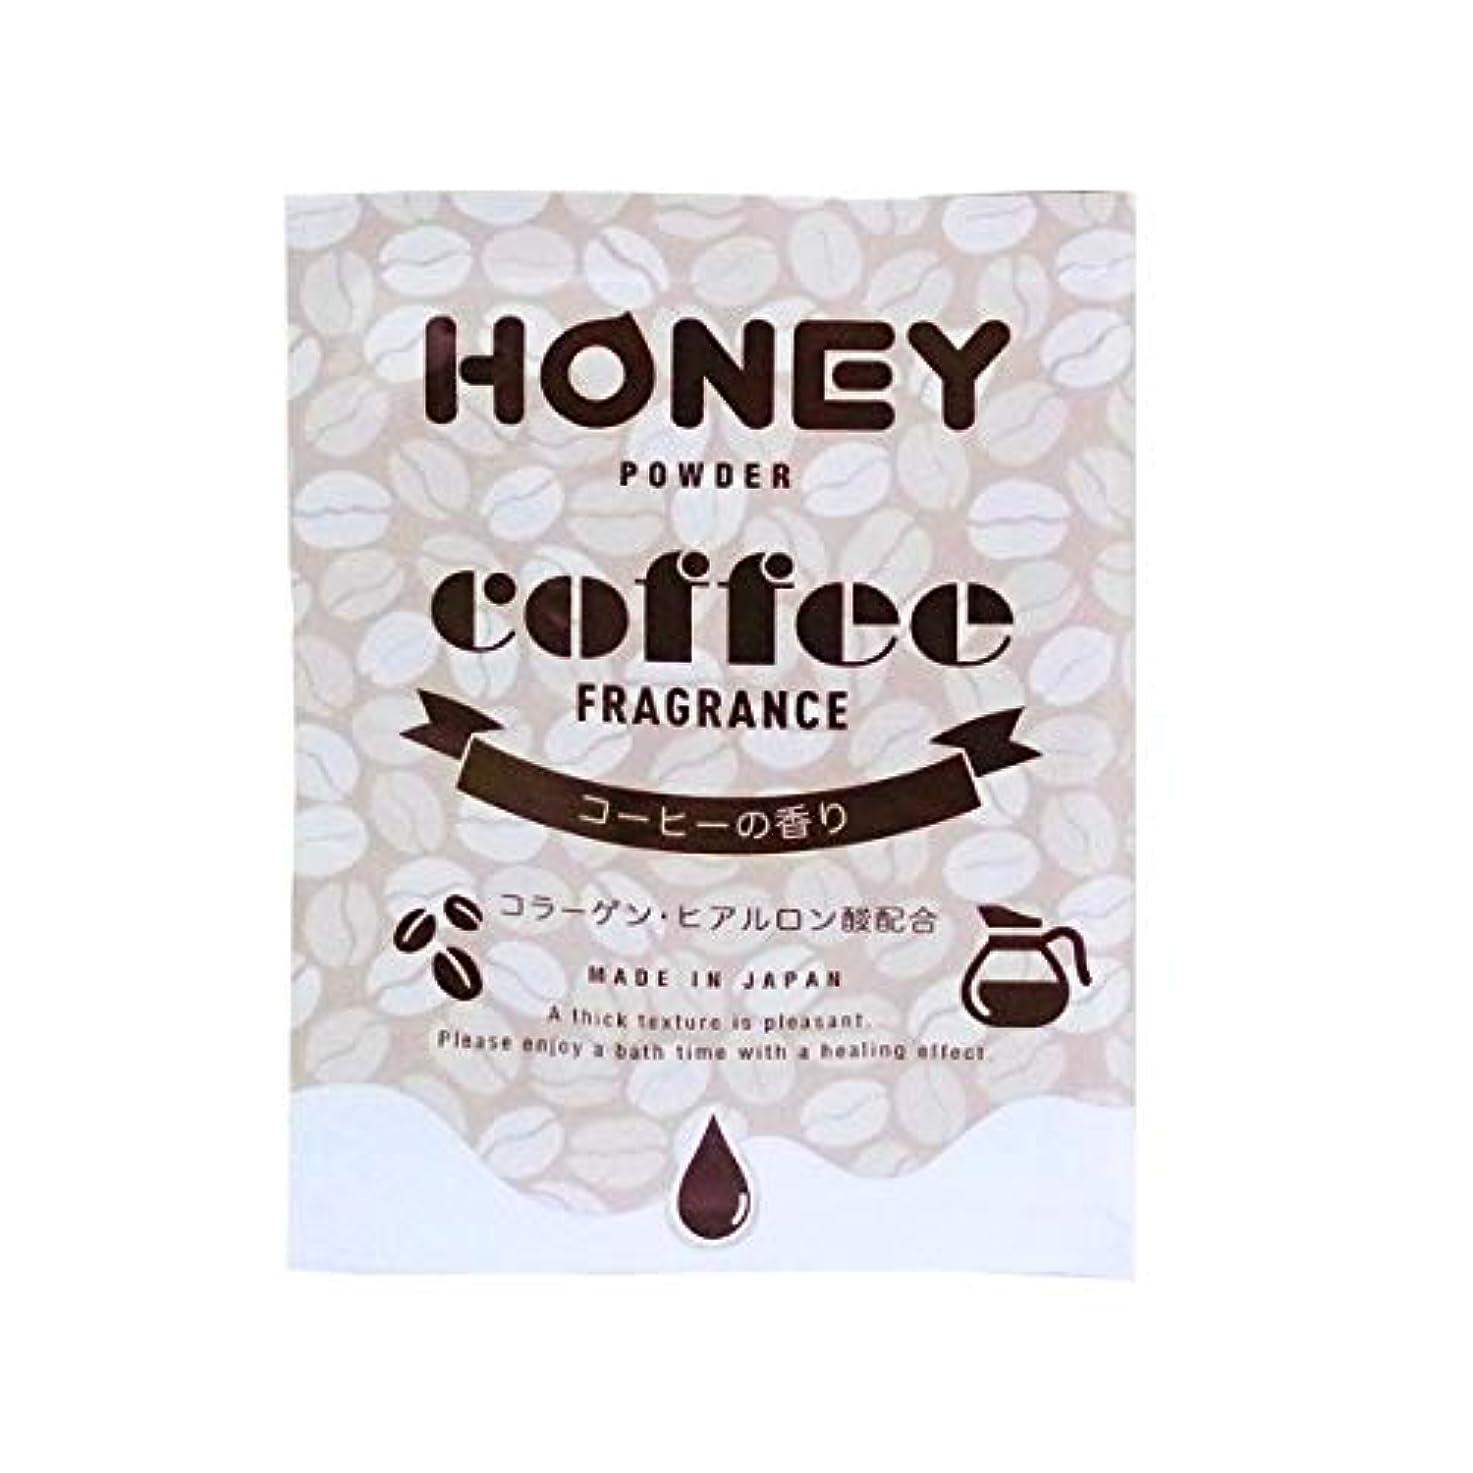 事件、出来事宗教イソギンチャクとろとろ入浴剤【honey powder】(ハニーパウダー) 2個セット コーヒーの香り 粉末タイプ ローション